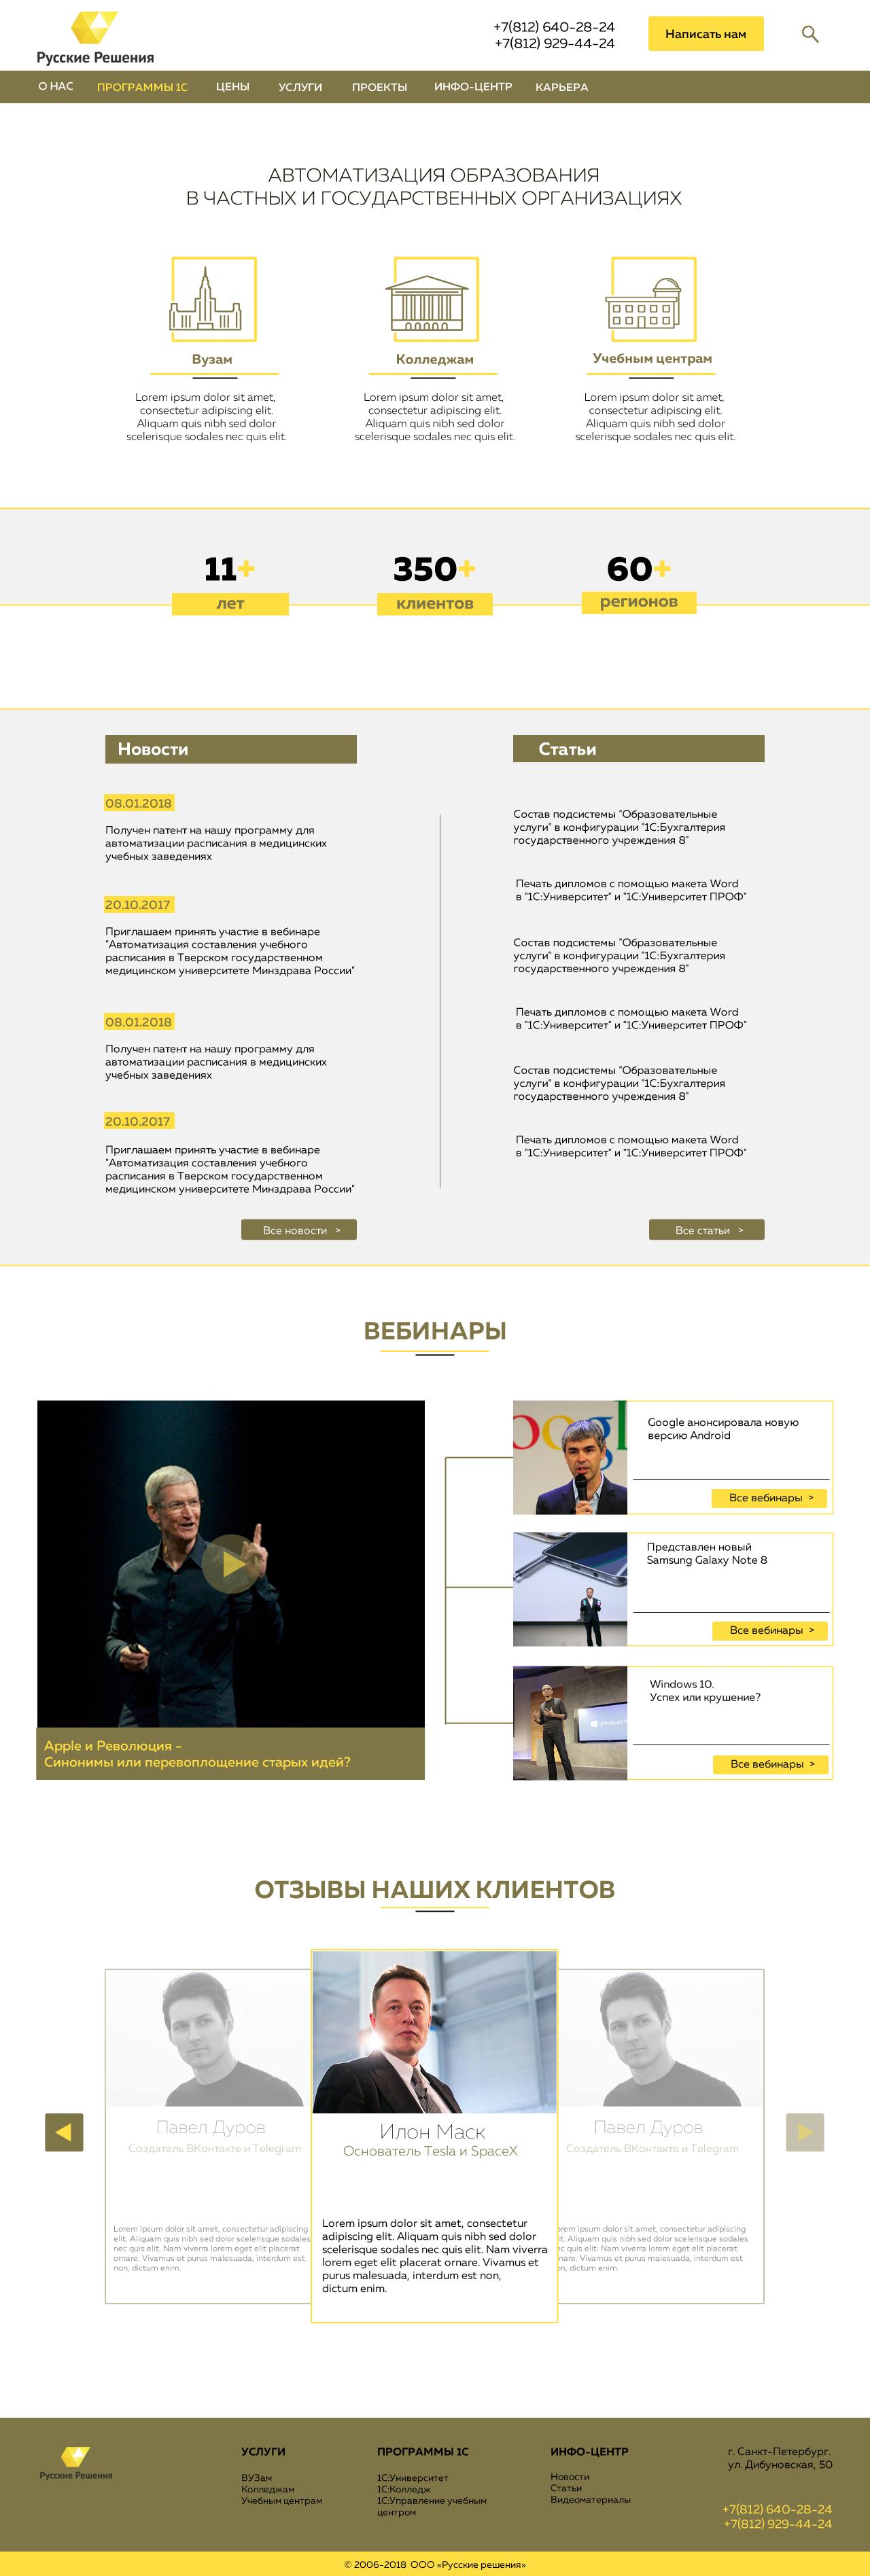 Дизайн главной страницы сайта фото f_8405a6126953d9ff.jpg